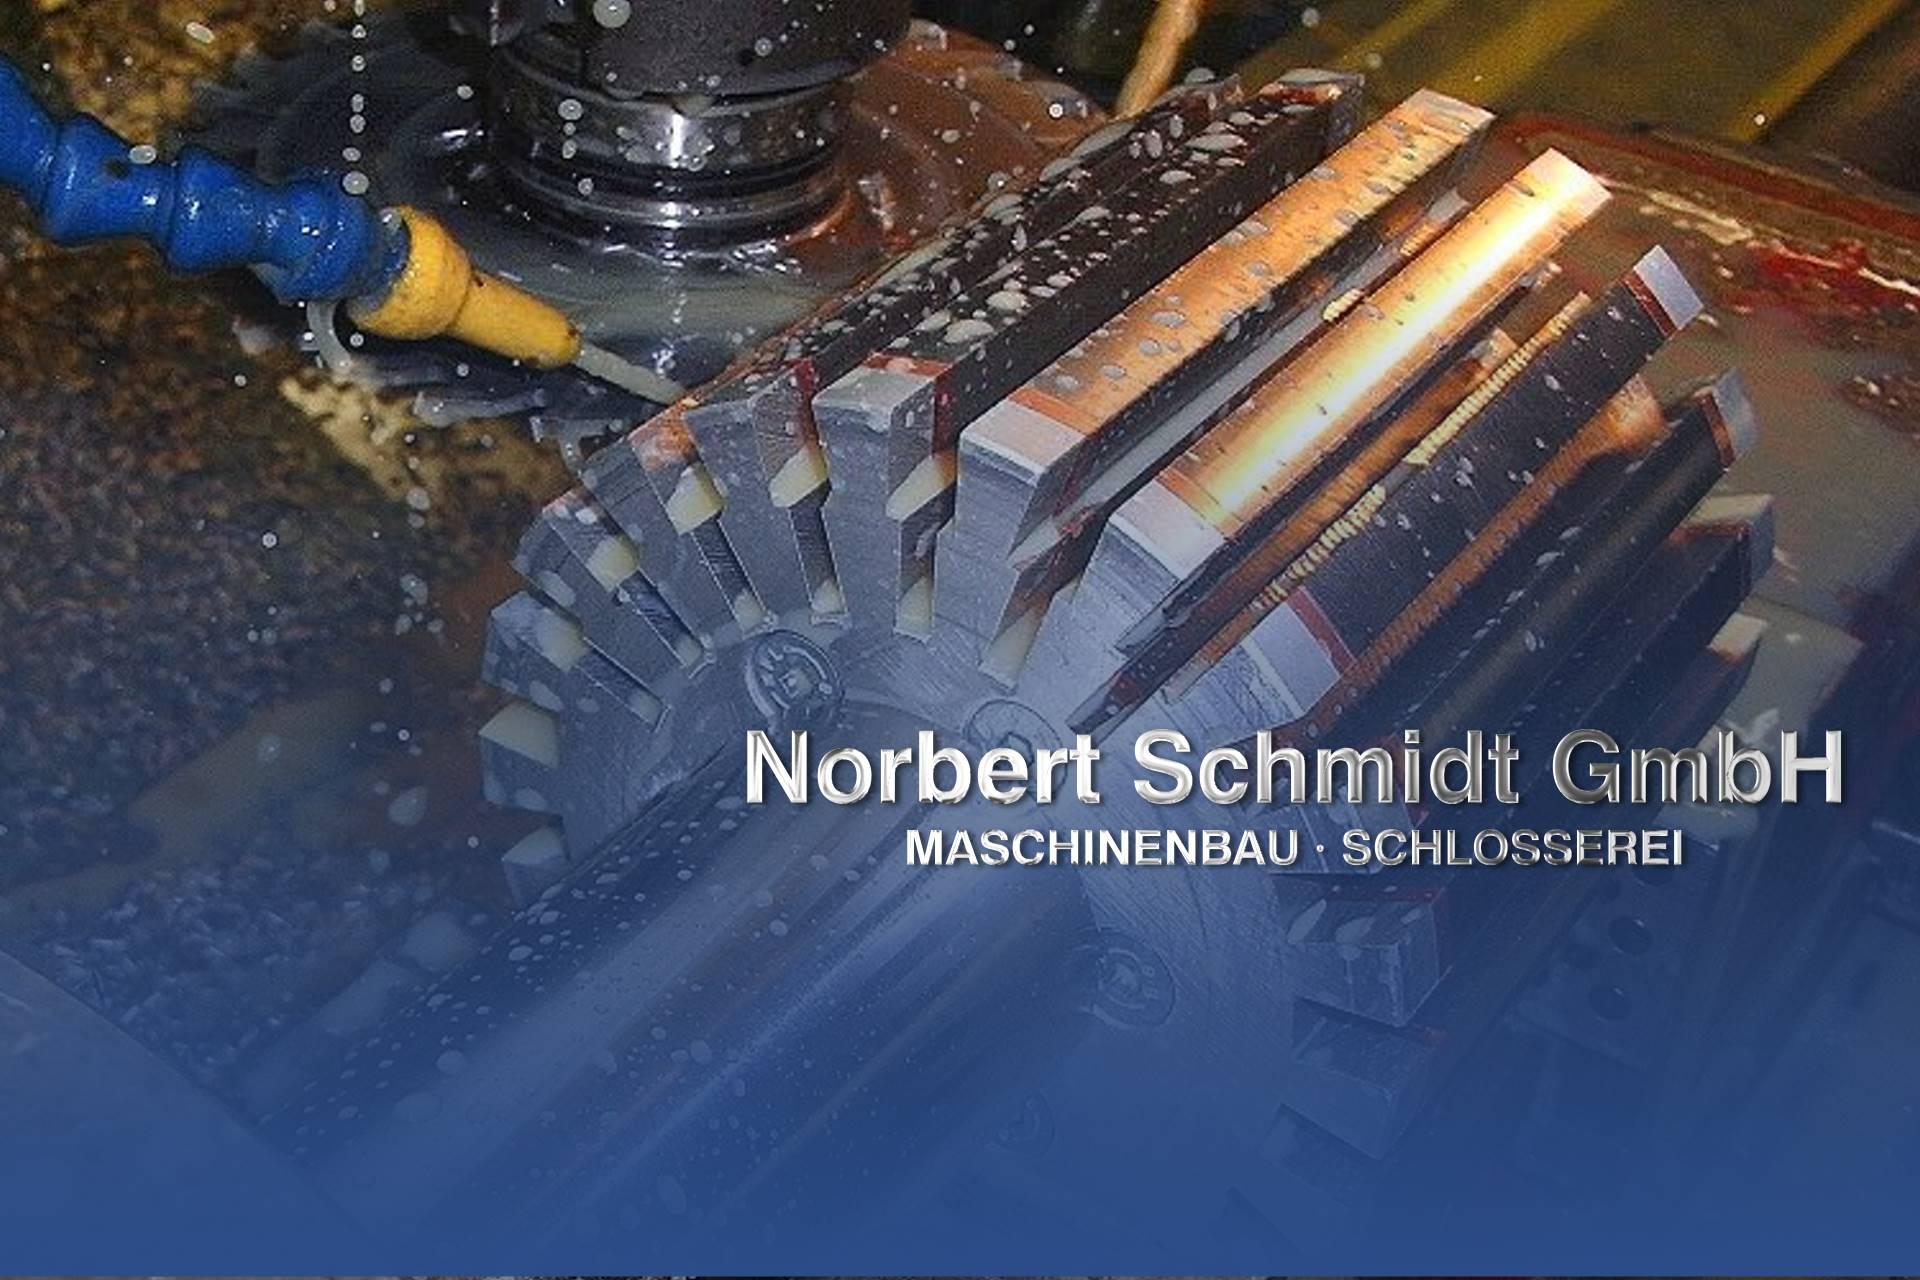 schmidt-header-14